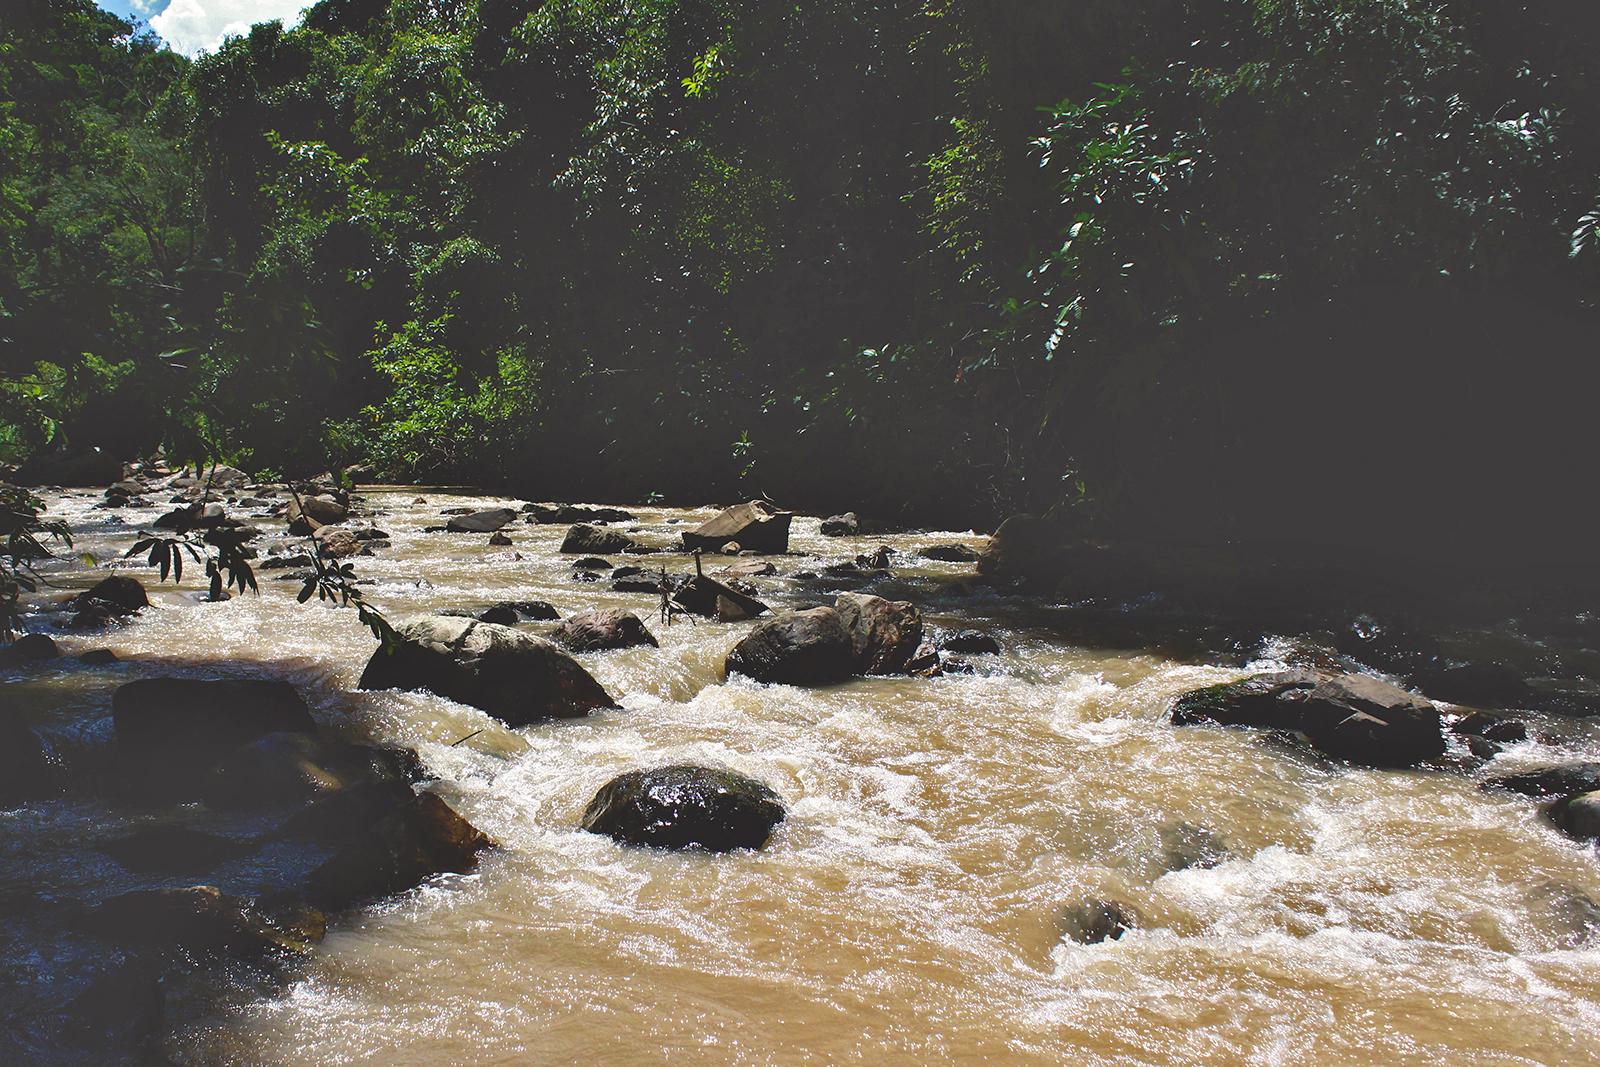 rio pedras minas gerais